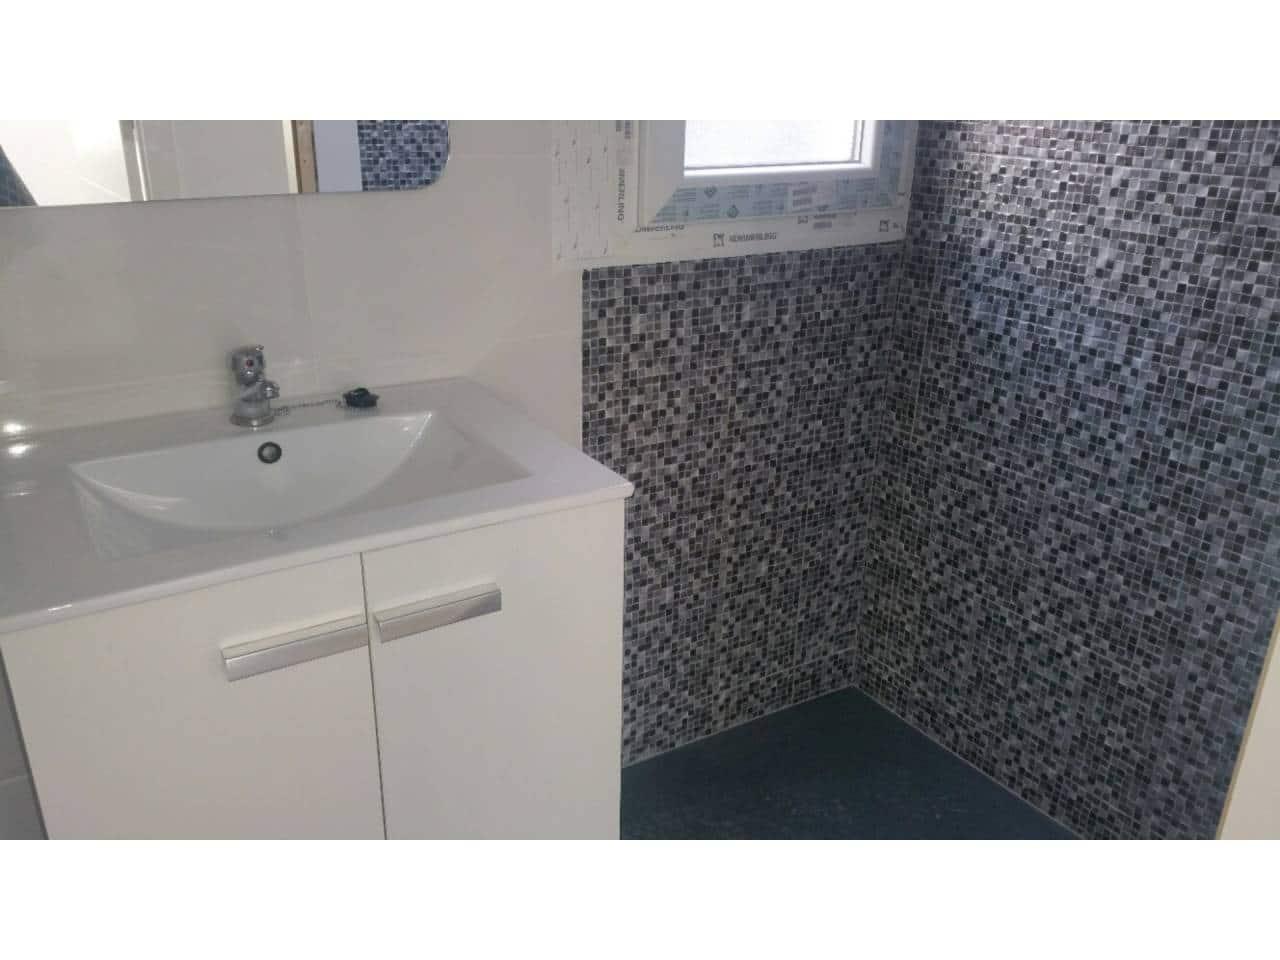 Appartement de 2 chambres à louer à Bilbao - 800 € (Ref: 5013386)